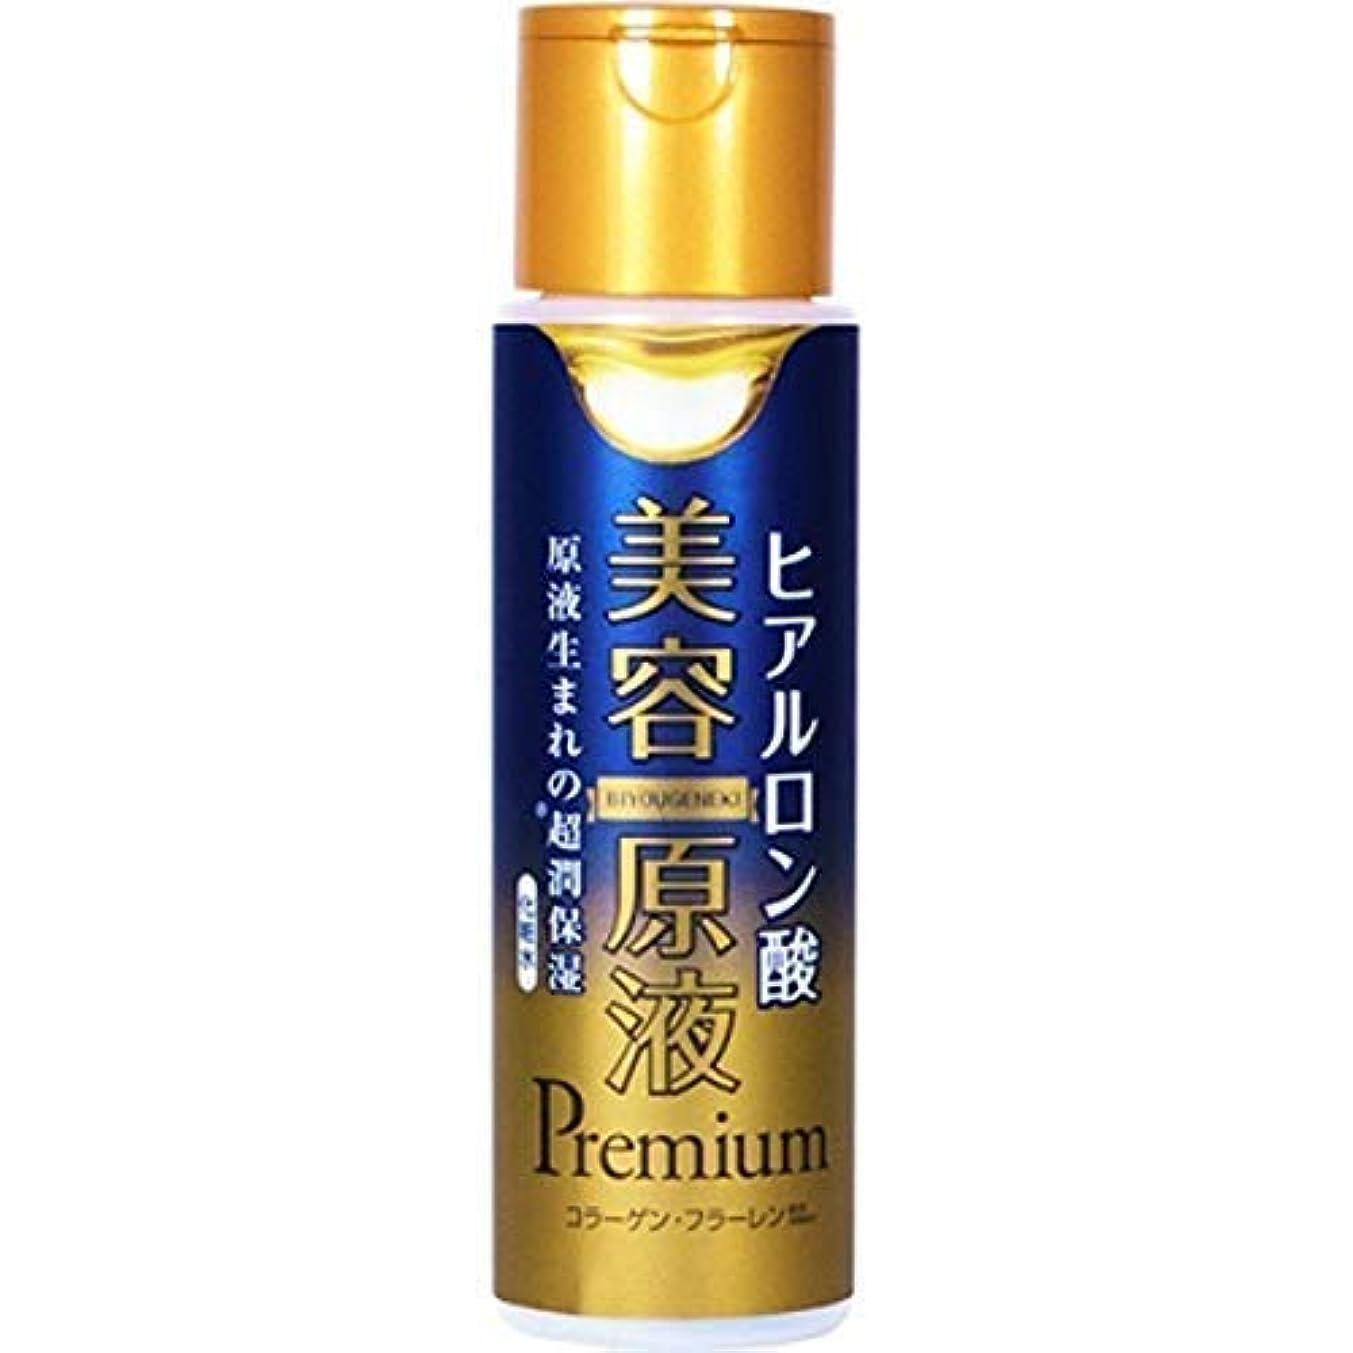 動物アーサー有名な美容原液 超潤化粧水 コラーゲン&ヒアルロン酸 185mL (化粧水 ローション 高保湿)